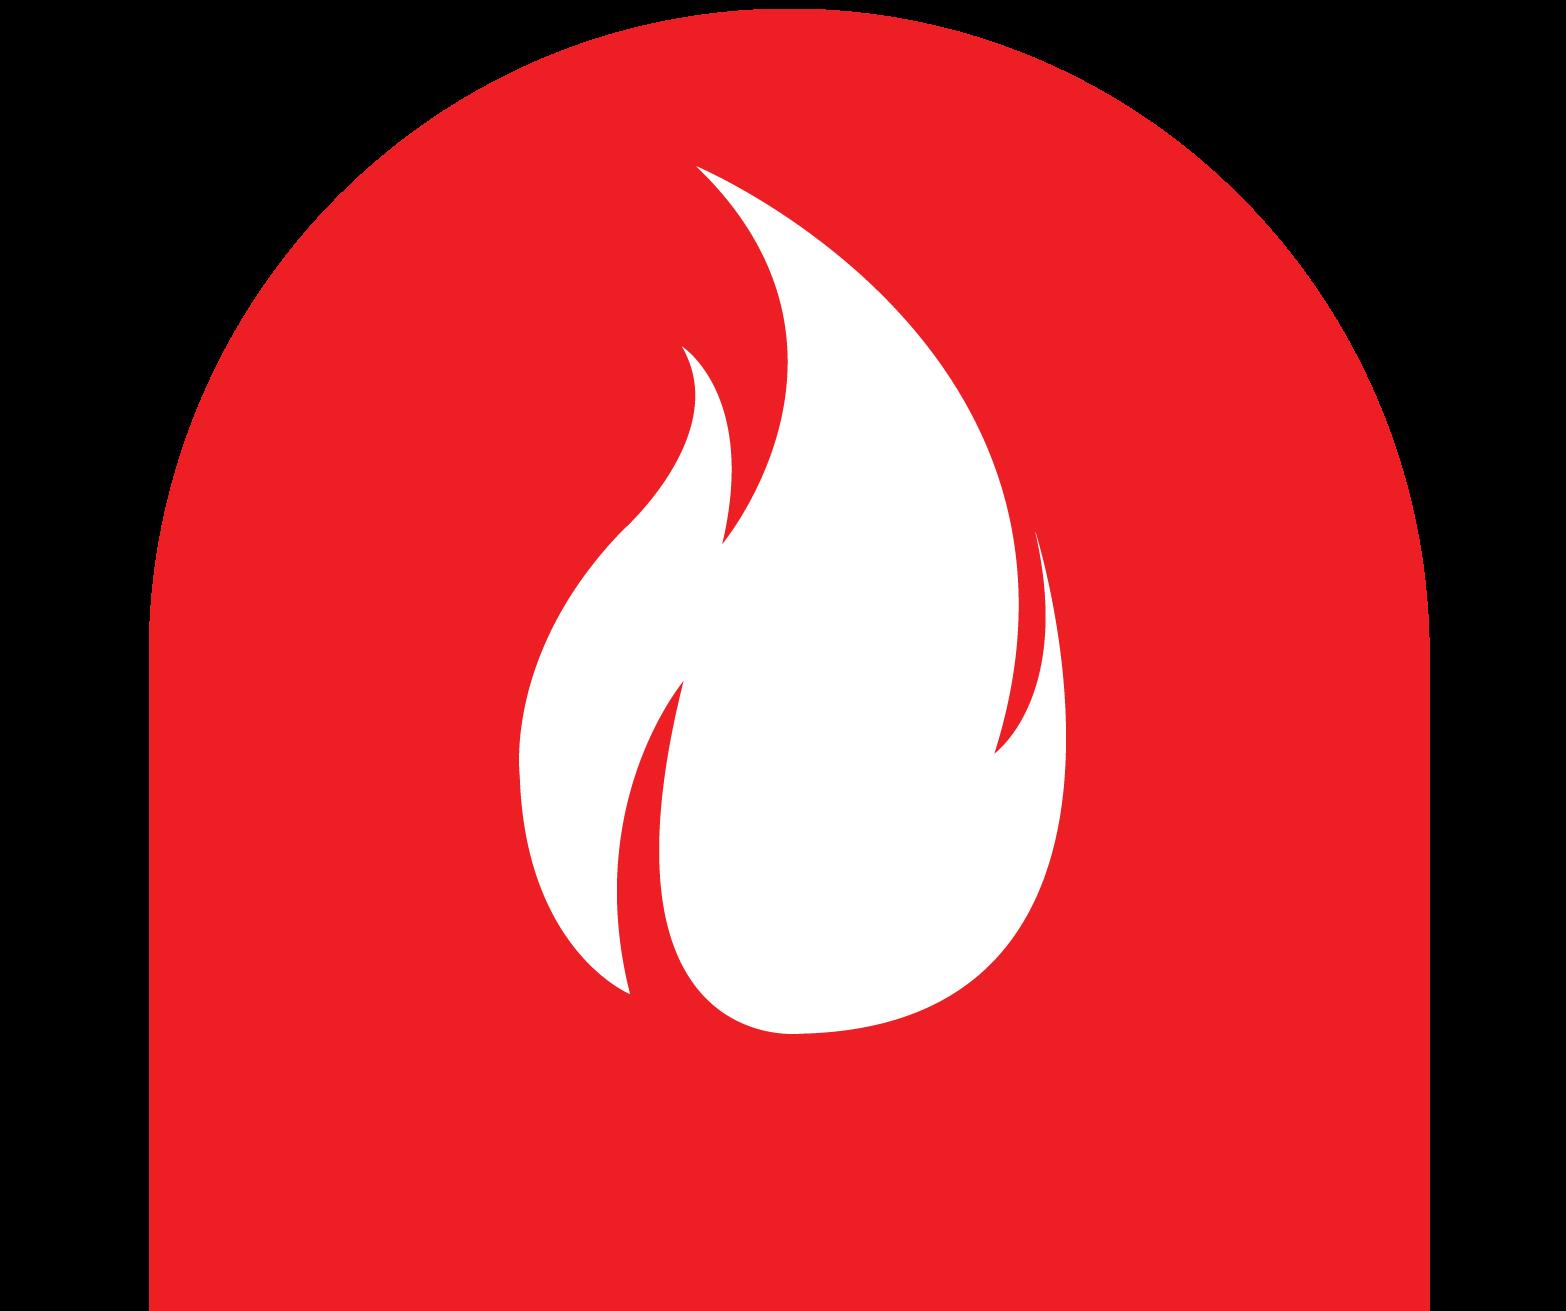 logo θερμανσης